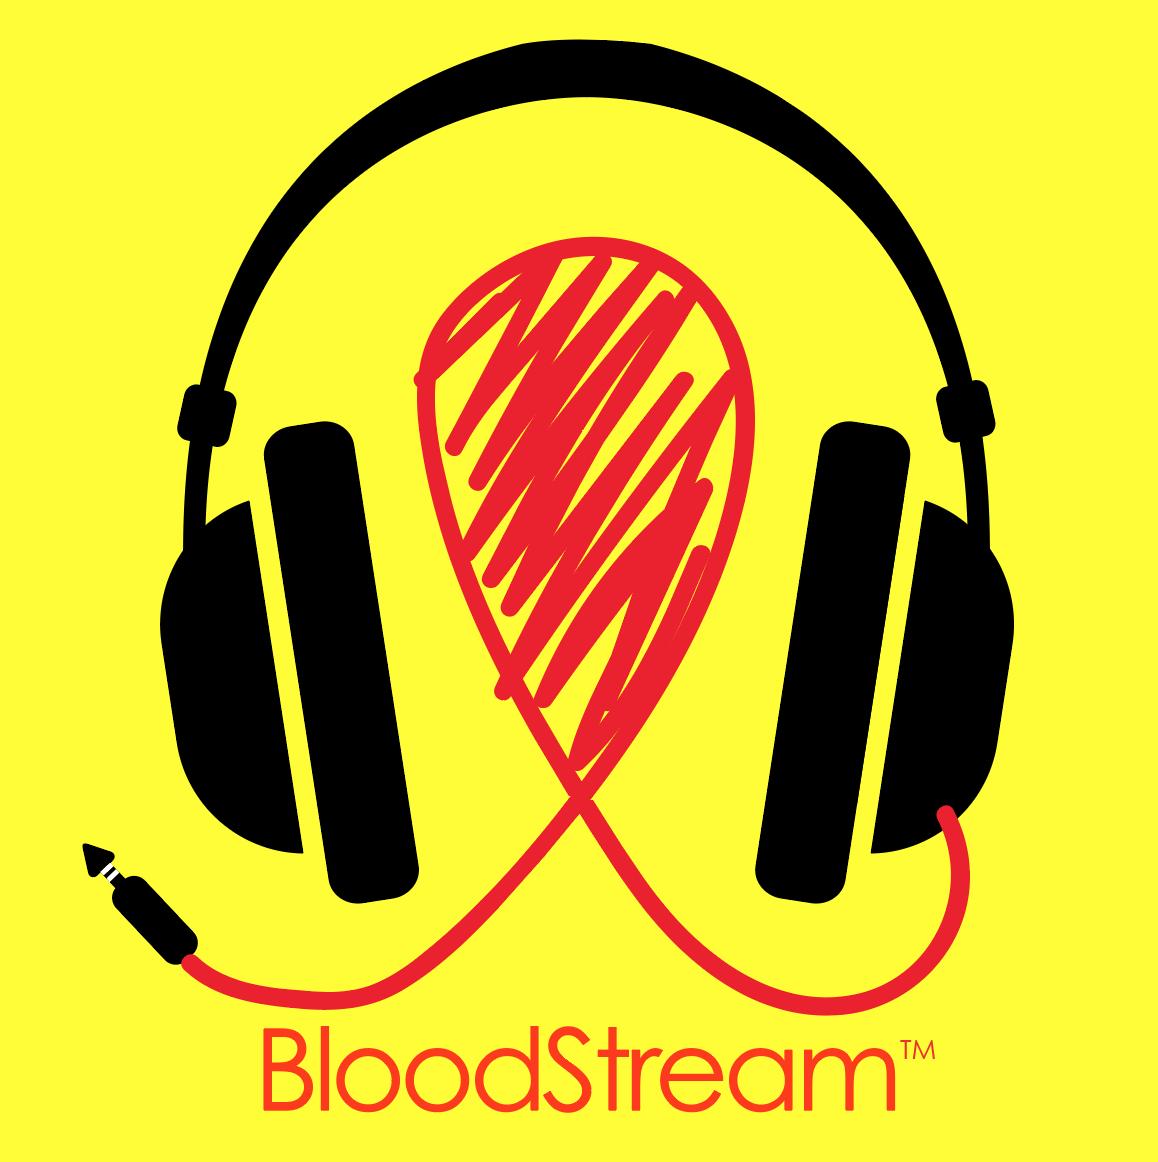 Logos 3 - bloodstream logo.png